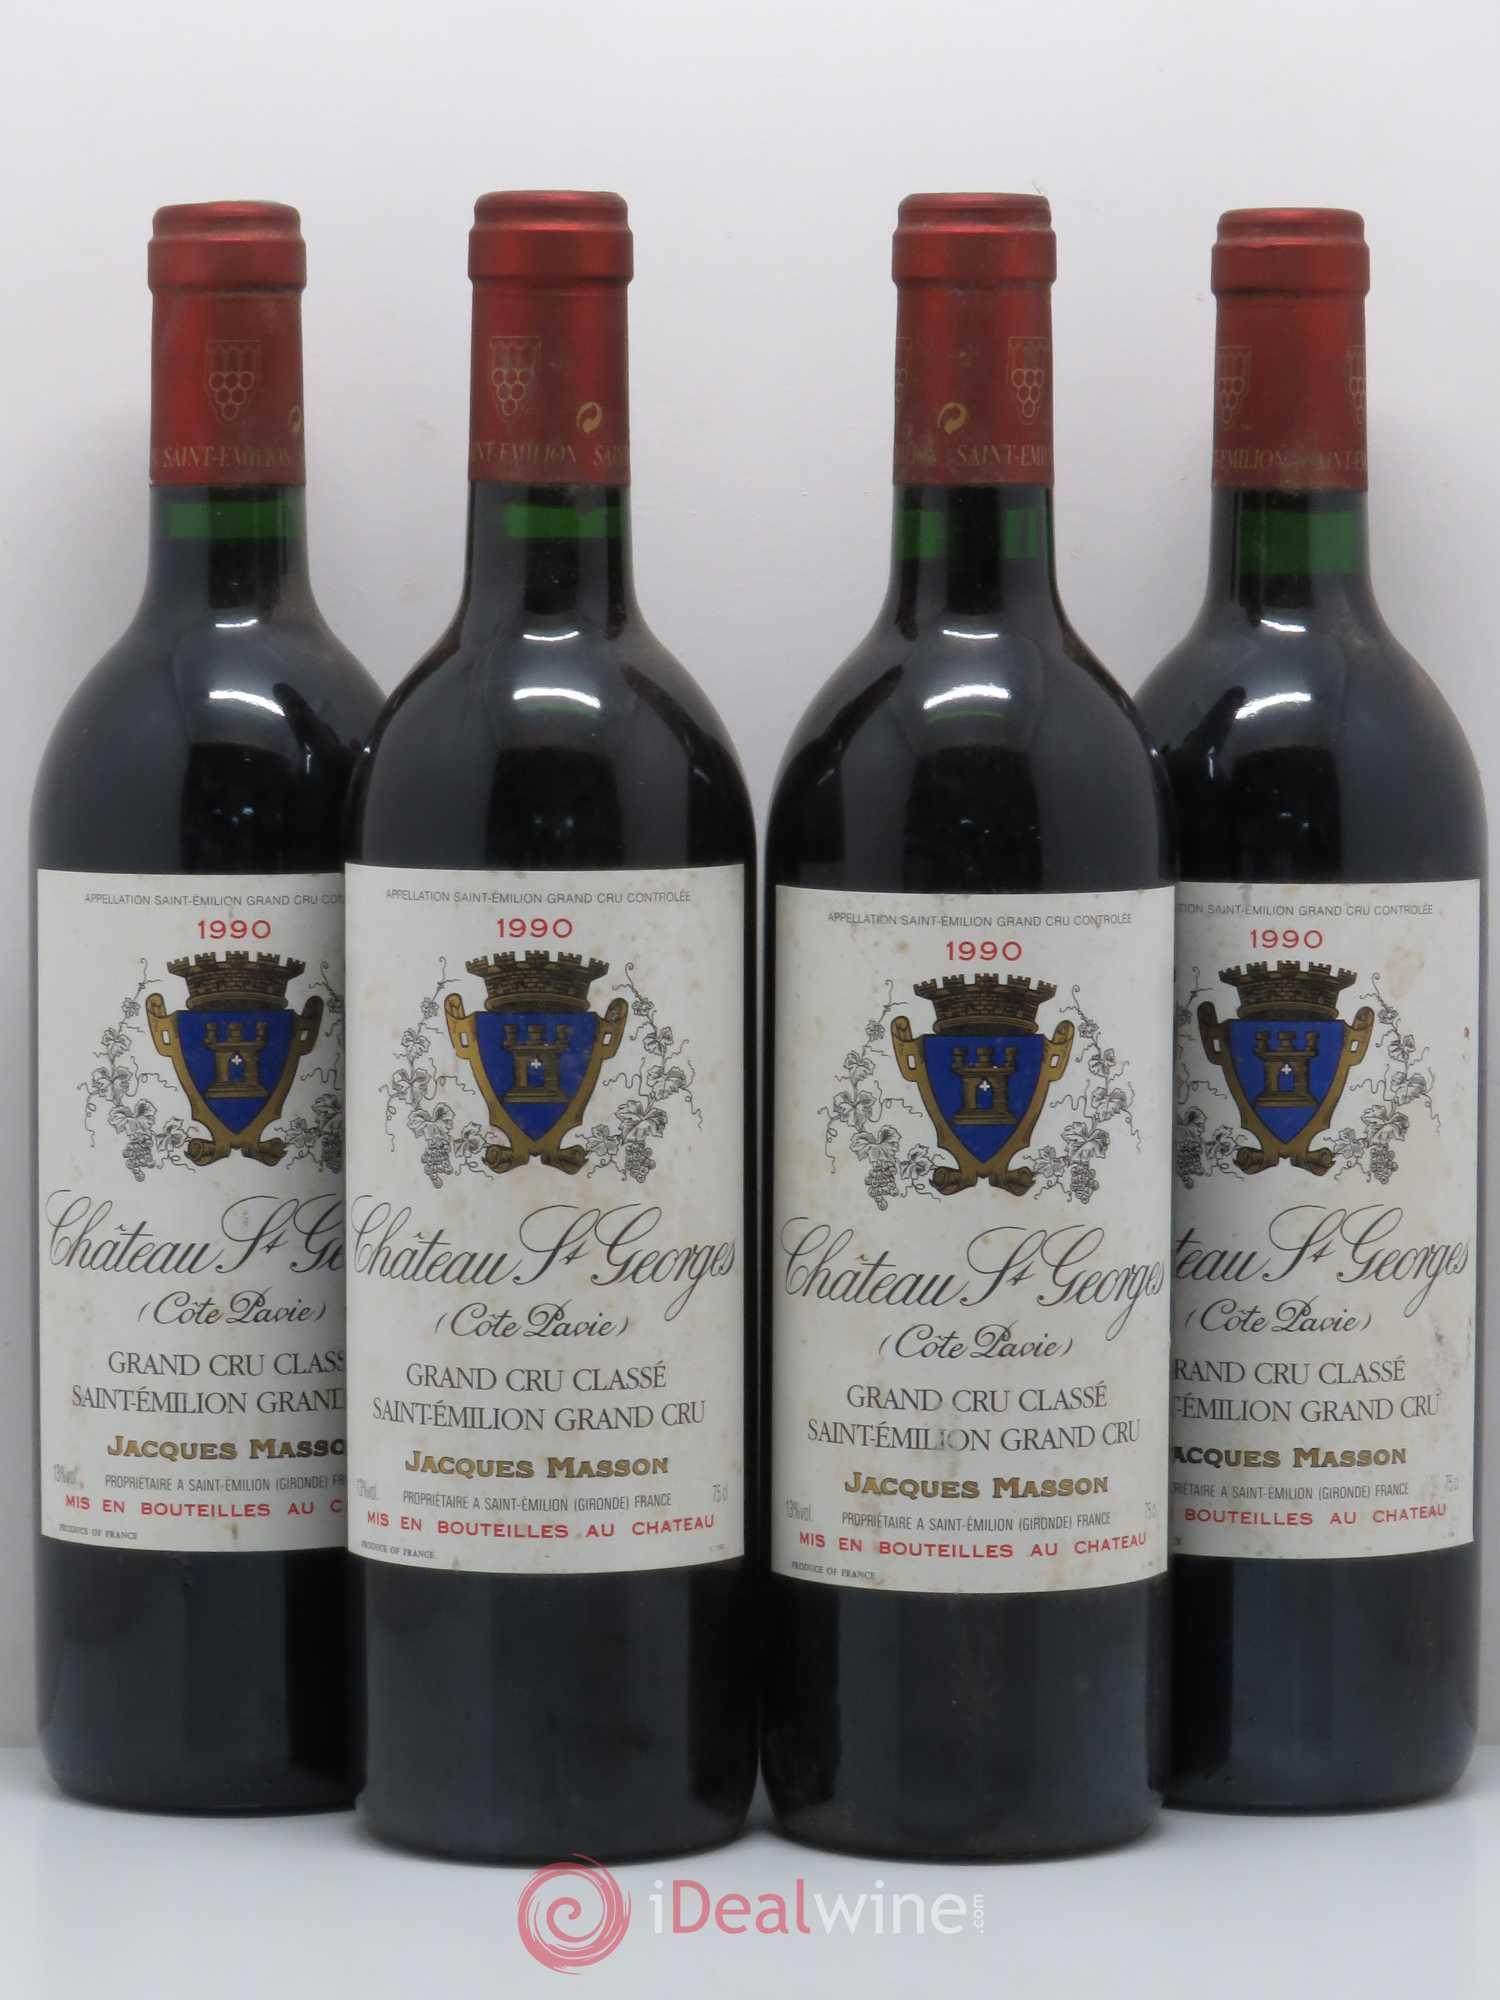 b6027bdded4 Château Saint-Georges Côte Pavie Grand Cru Classé 1990 - Lot of 4 Bottles